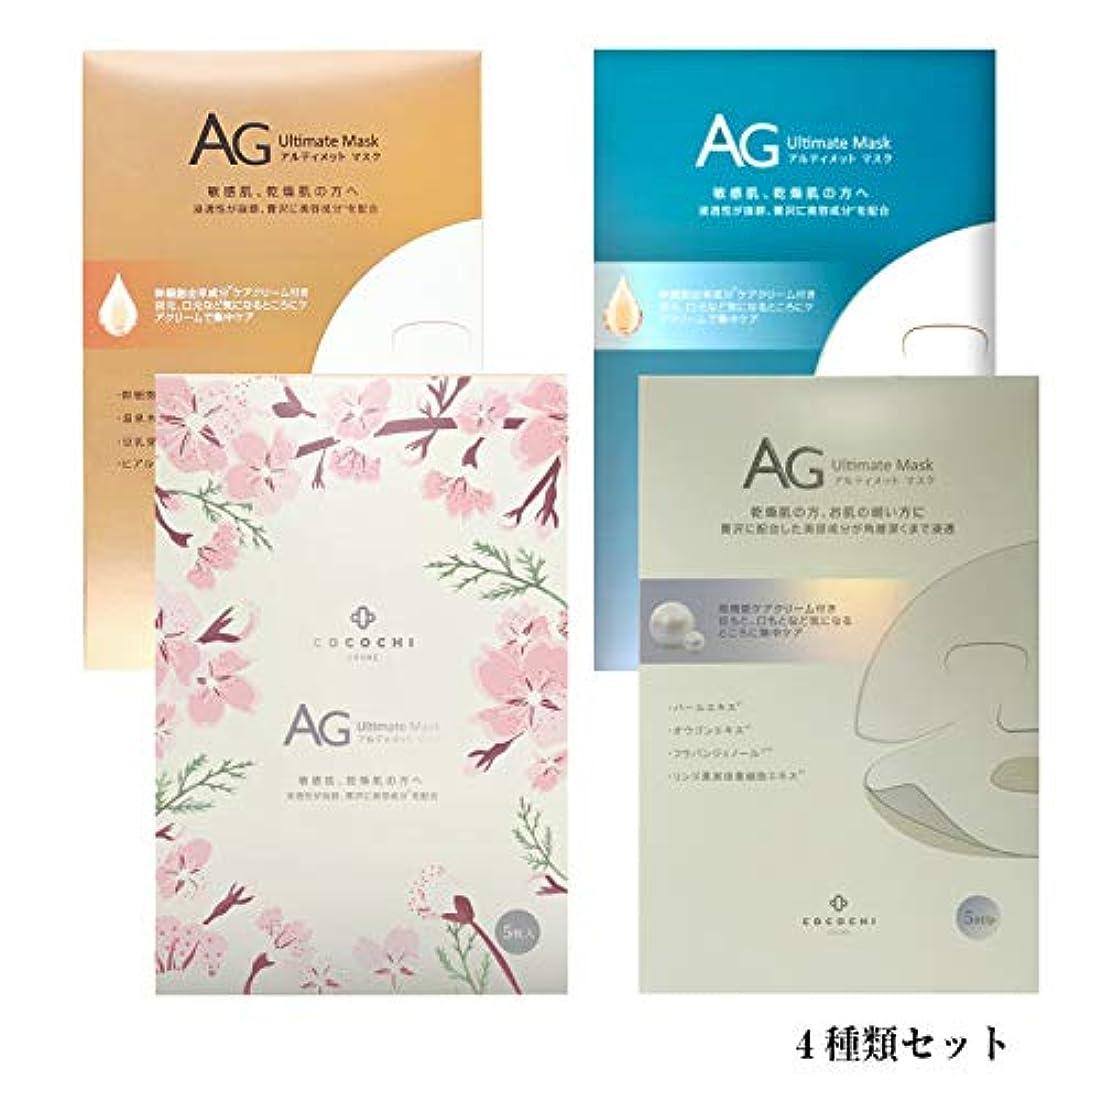 古代保険利益AGアルティメットマスク 4種類セット AG アルティメットマスク/オーシャンマスク/さくら/アコヤ真珠マスク